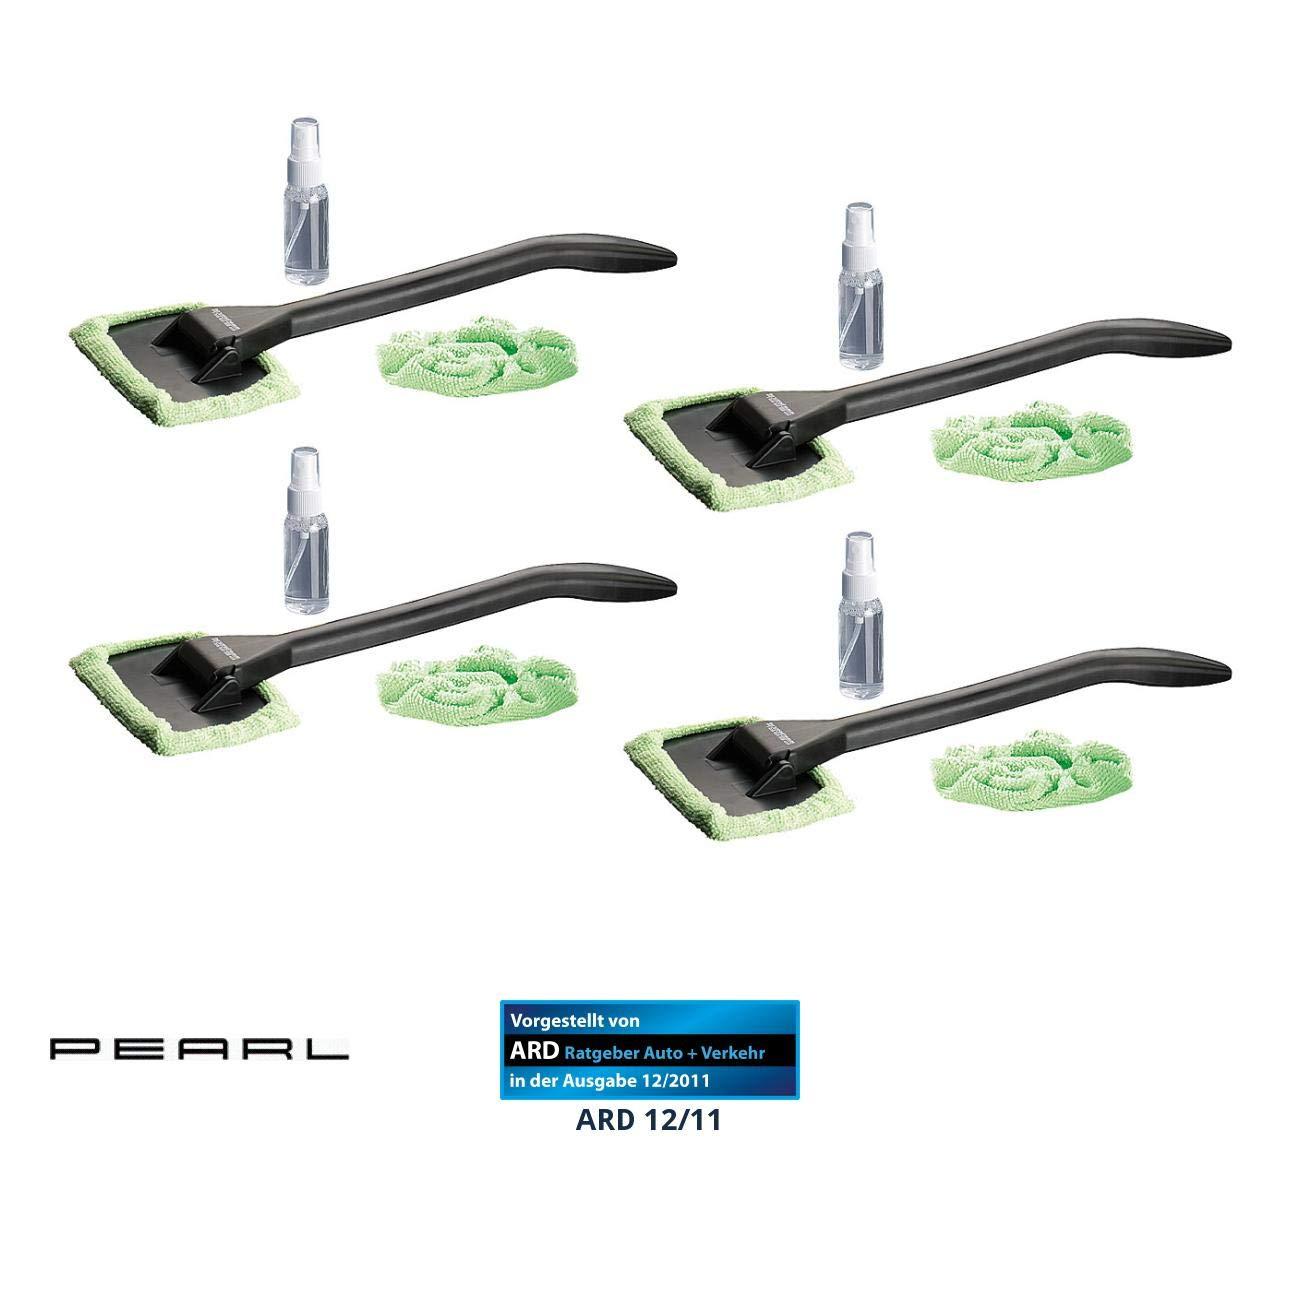 PEARL Scheibenreiniger: Windschutzscheiben-Wunder mit Gelenk-Kopf & Pump-Sprü hflasche, 4er-Set (Auto Scheibenreiniger)